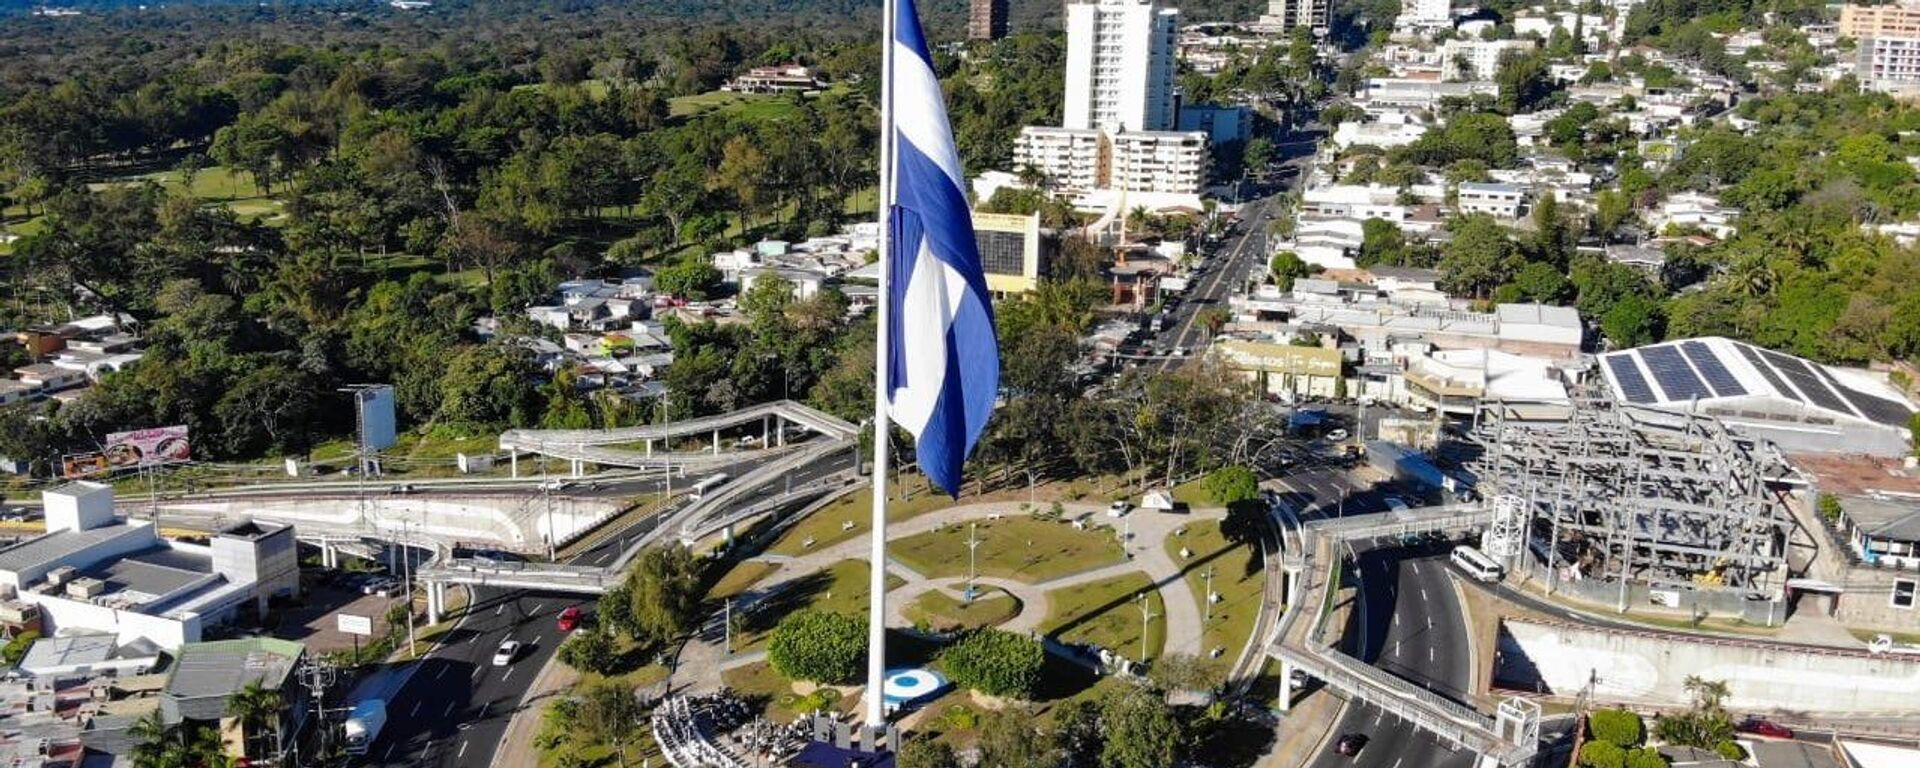 Bandera de El Salvador - Sputnik Mundo, 1920, 20.04.2021